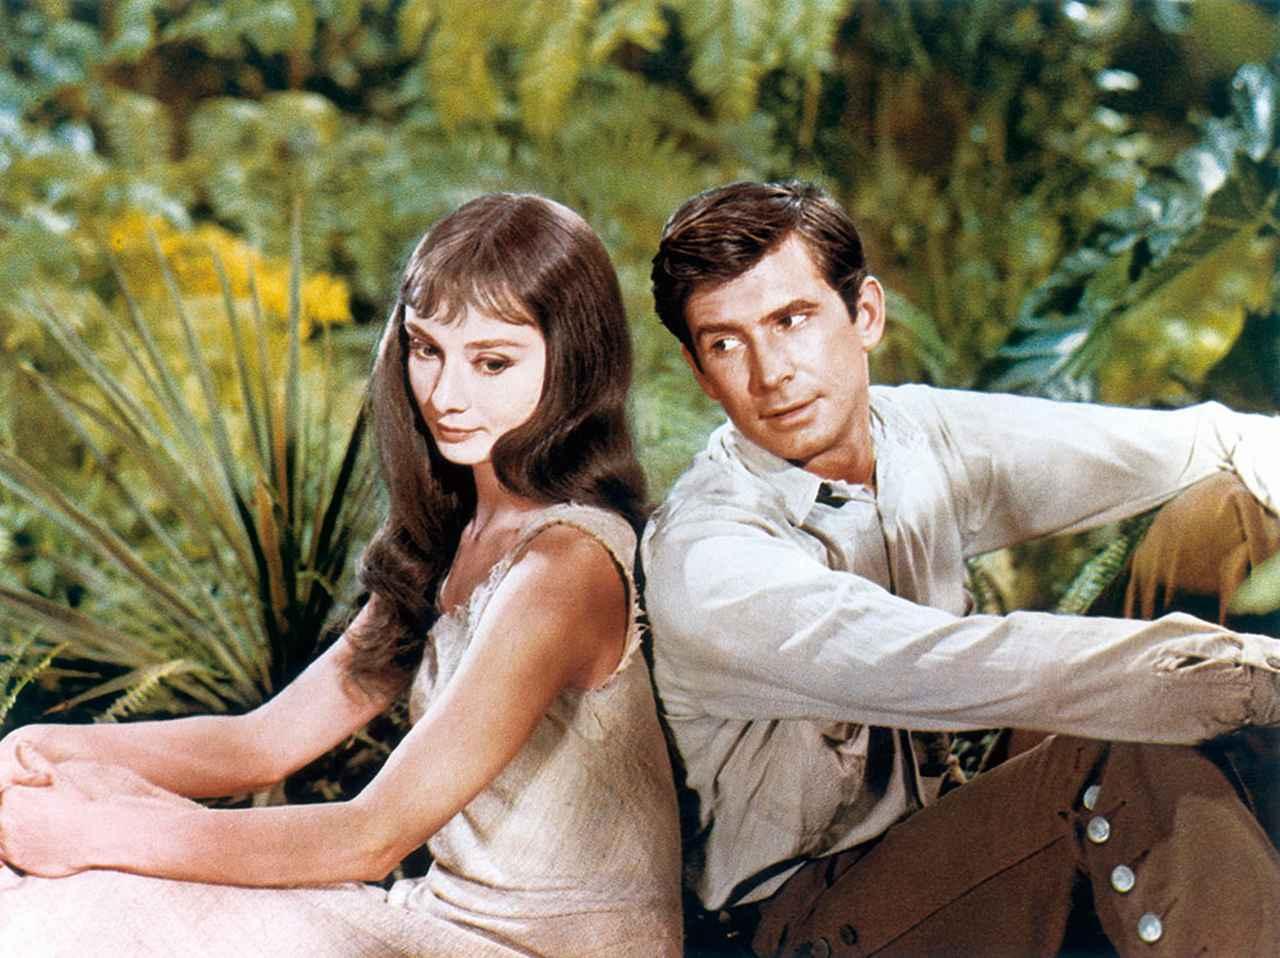 画像: 瑞々しい緑に囲まれた二人の愛 「緑の館」(1959)